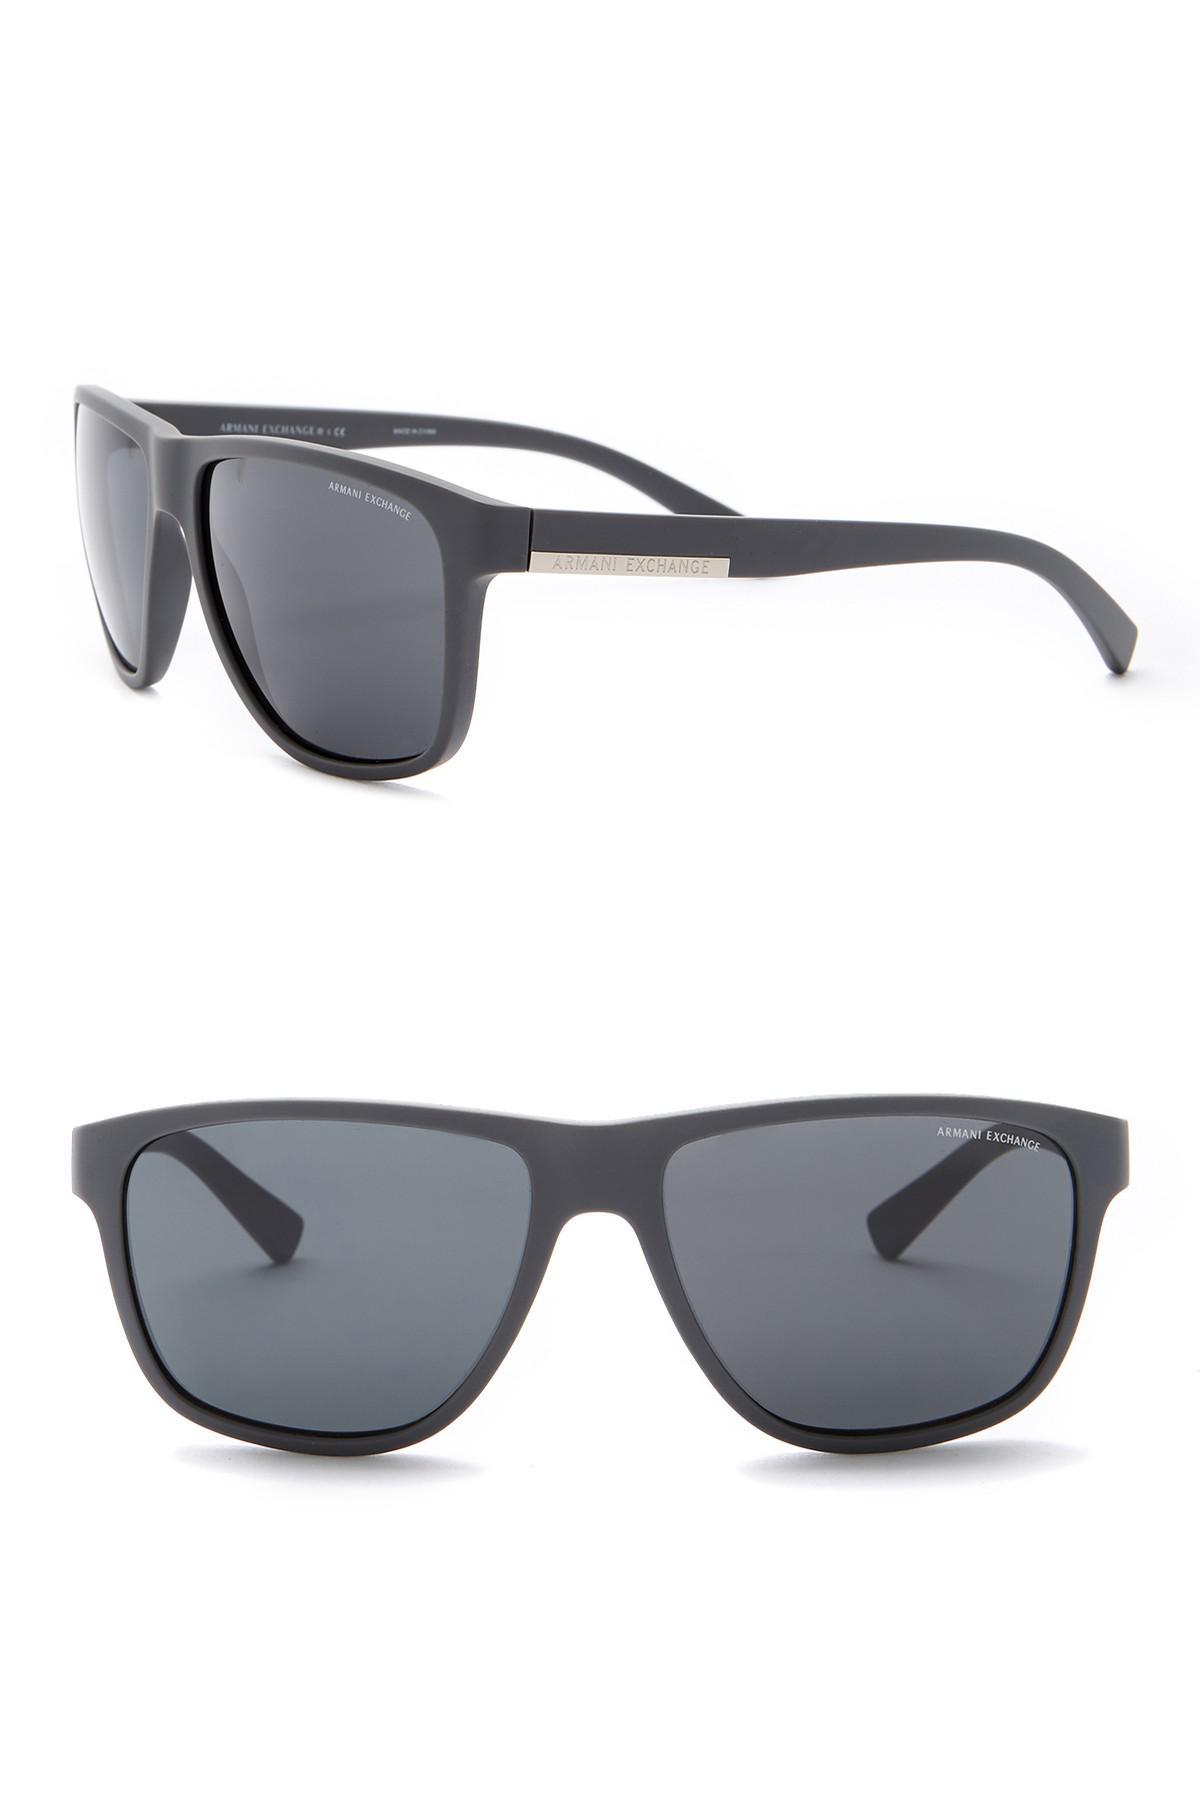 c0e09b56ae3e Lyst - Armani Exchange Men s Square 55mm Acetate Frame Sunglasses in ...